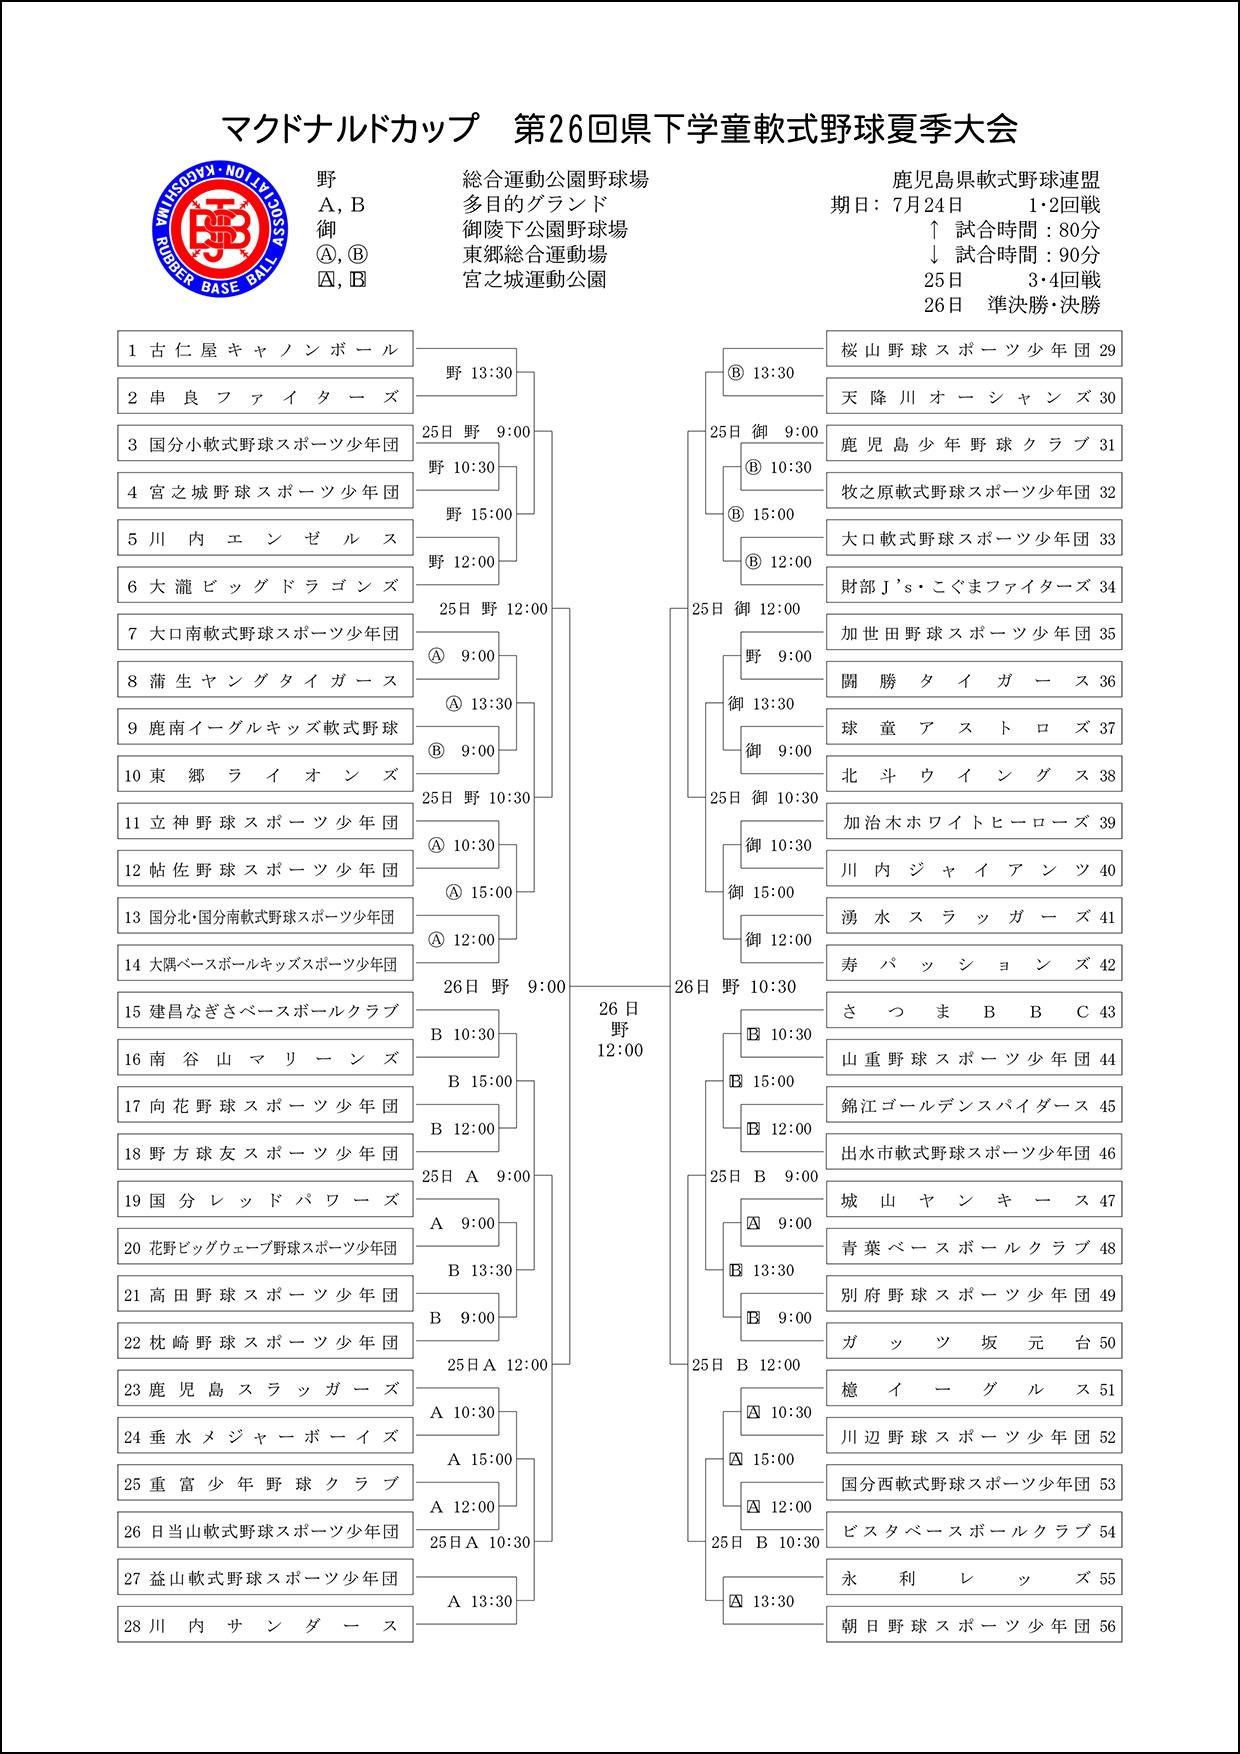 【組合せ】マクドナルドカップ第26回県下学童軟式野球夏季大会